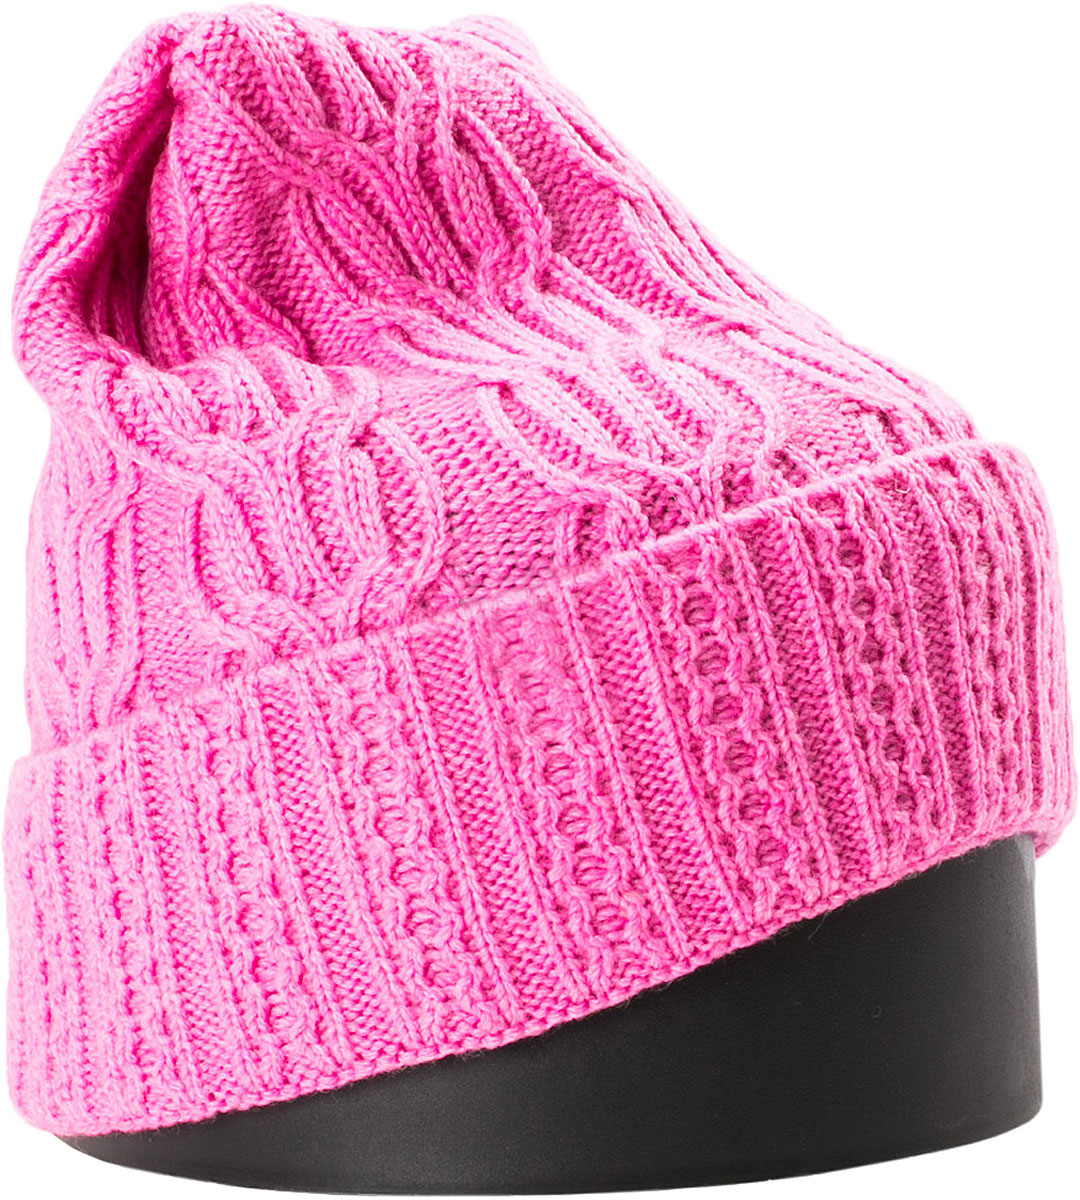 Шапка женская Vittorio Richi, цвет: розовый. NSH900198. Размер 56/58NSH900198Стильная женская шапка Vittorio Richi отлично дополнит ваш образ в холодную погоду. Модель, изготовленная из шерсти с добавлением акрила, максимально сохраняет тепло и обеспечивает удобную посадку. Шапка дополнена ажурной вязкой и сбоку фирменной нашивкой. Привлекательная стильная шапка подчеркнет ваш неповторимый стиль и индивидуальность.